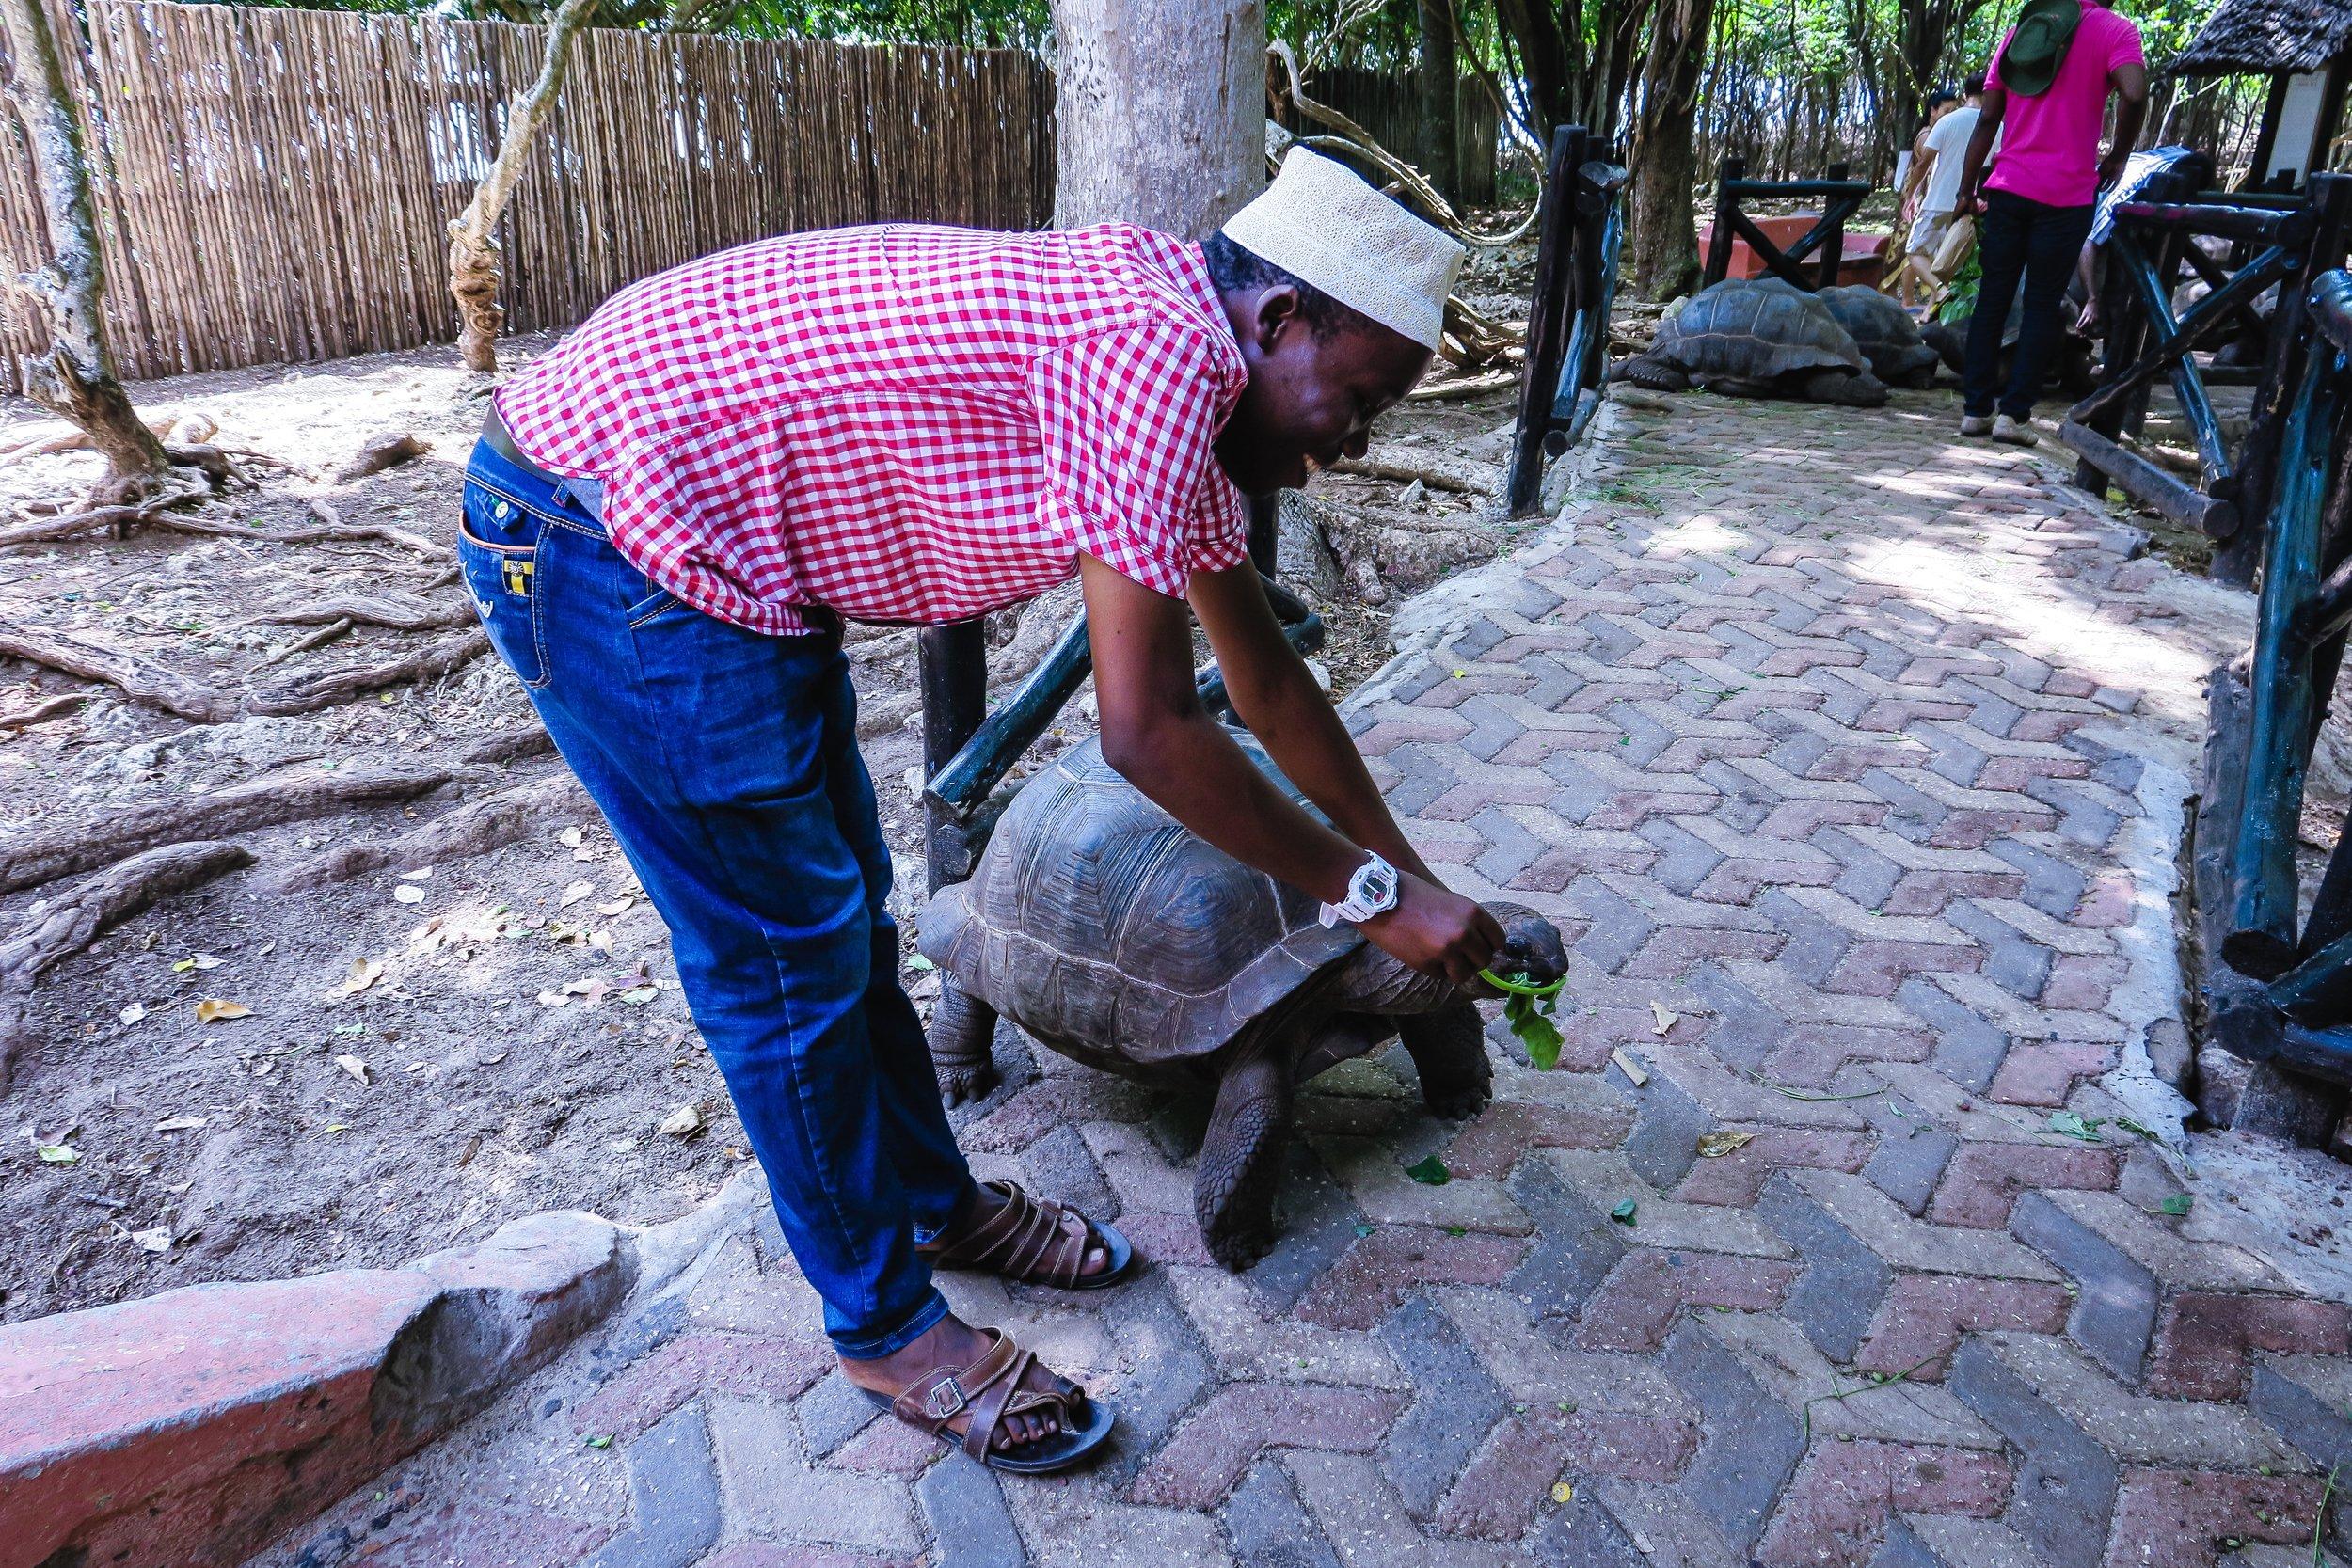 Khalifa Feeding a turtle on Prison Island